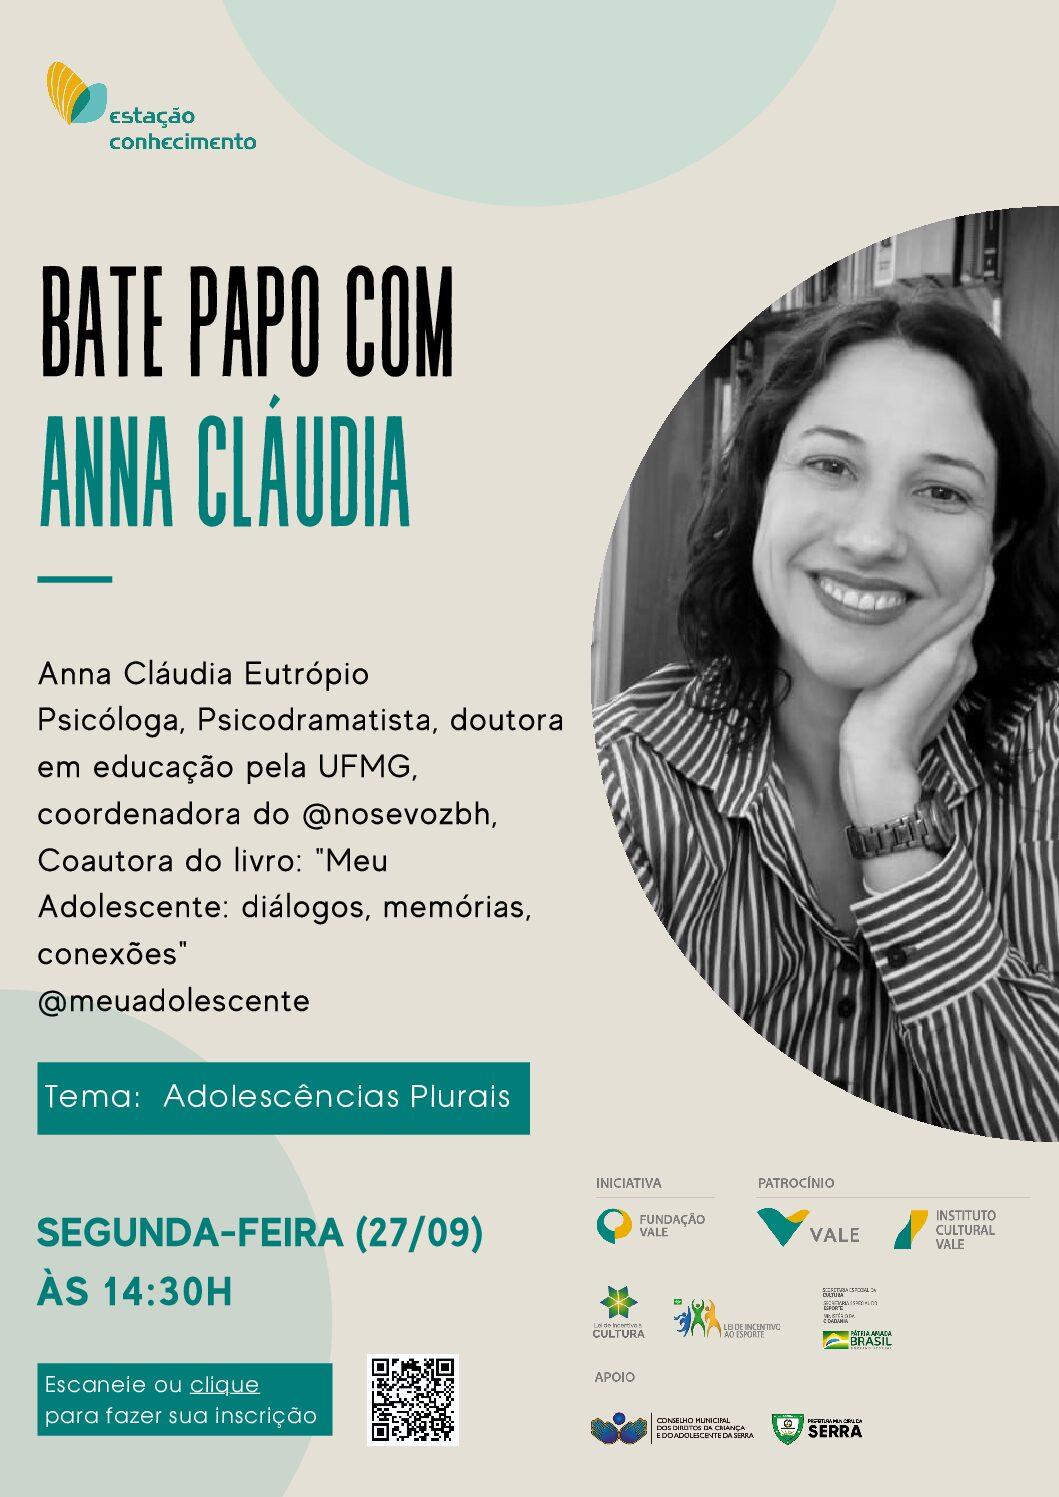 """Estação Conhecimento convida psicóloga para discutir """"adolescências plurais"""""""